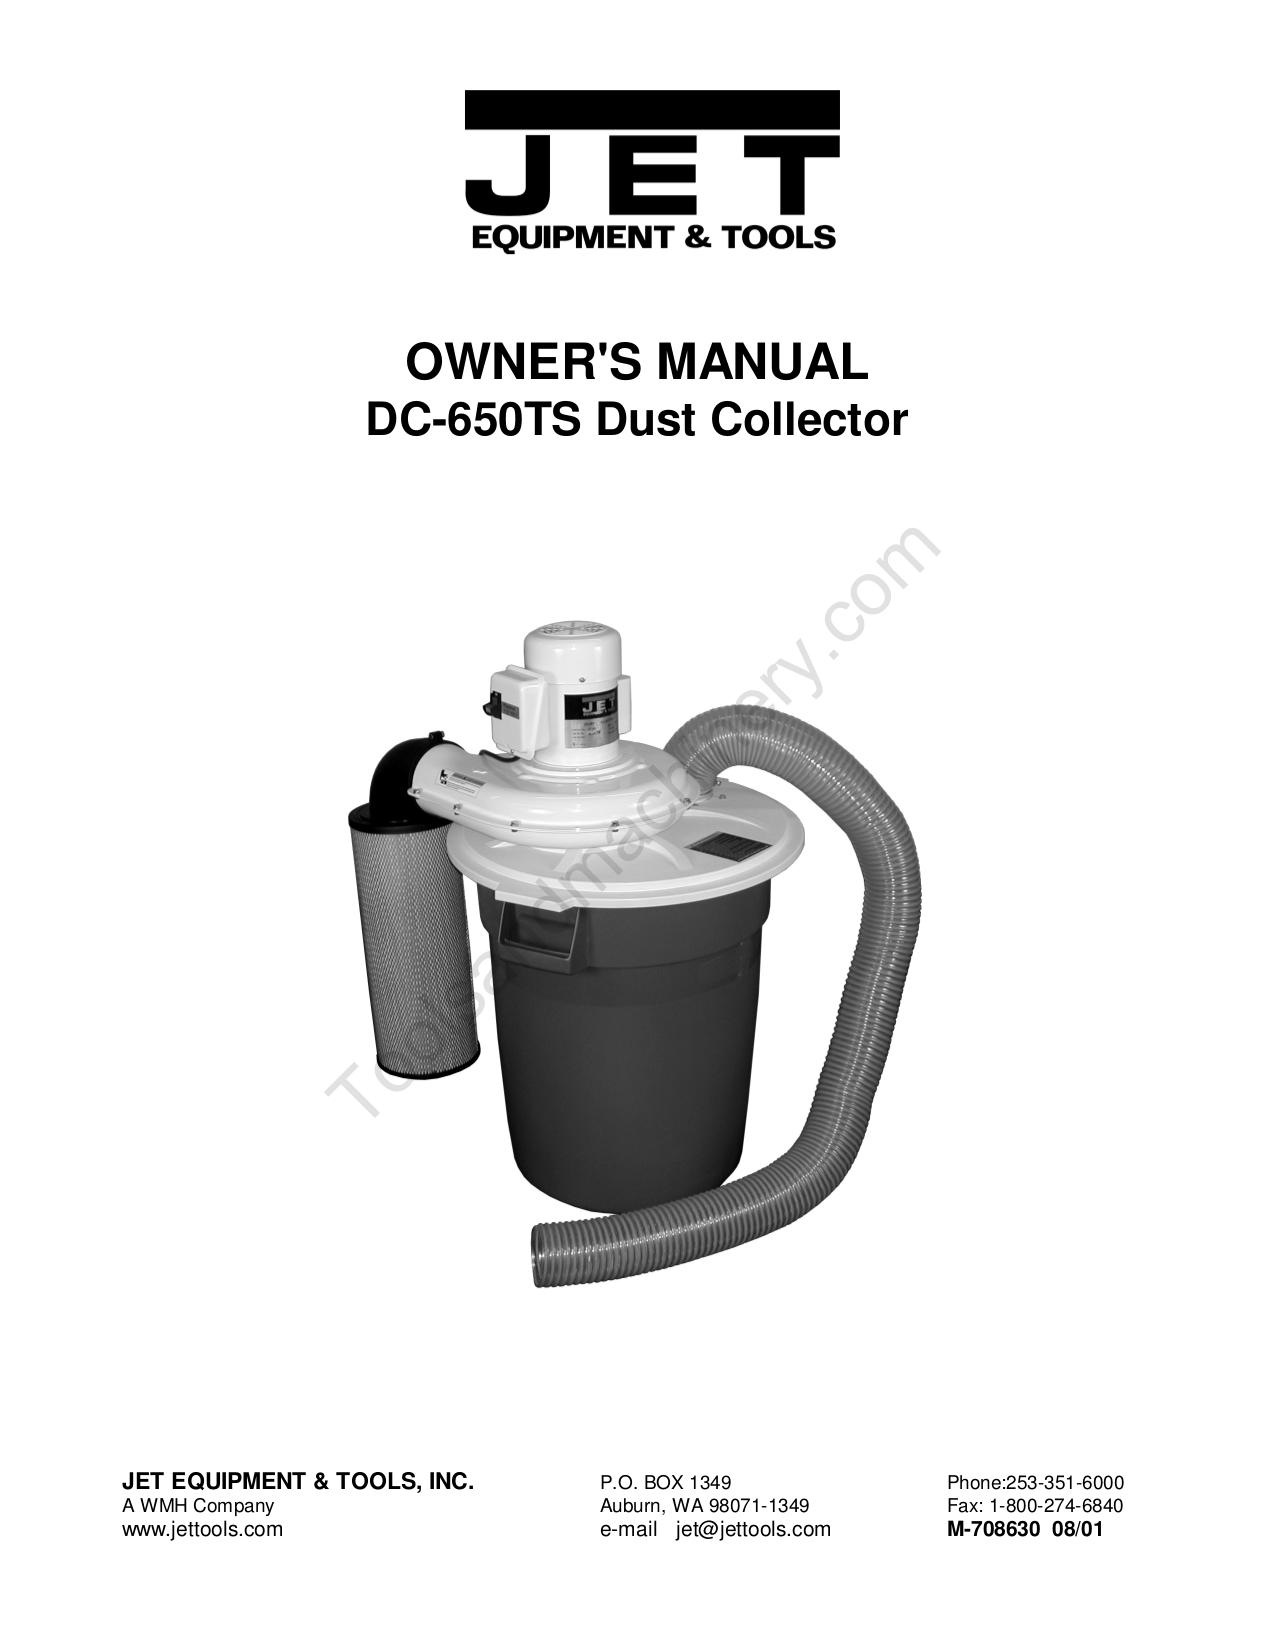 pdf for Jet Vacuum DC-650TS manual